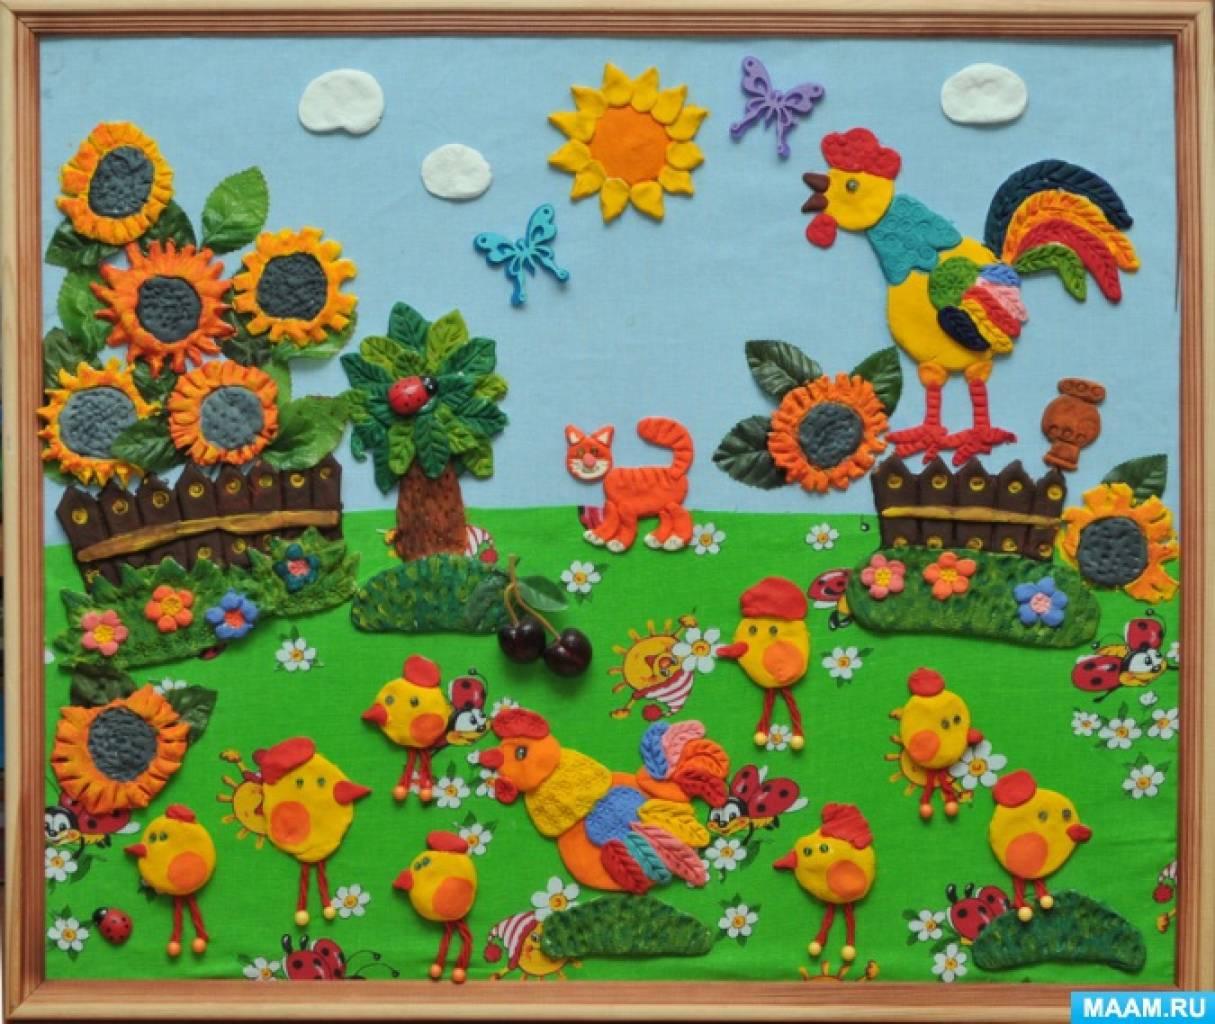 Картина из соленого теста для оформления групповой комнаты «Курочка с цыплятами»